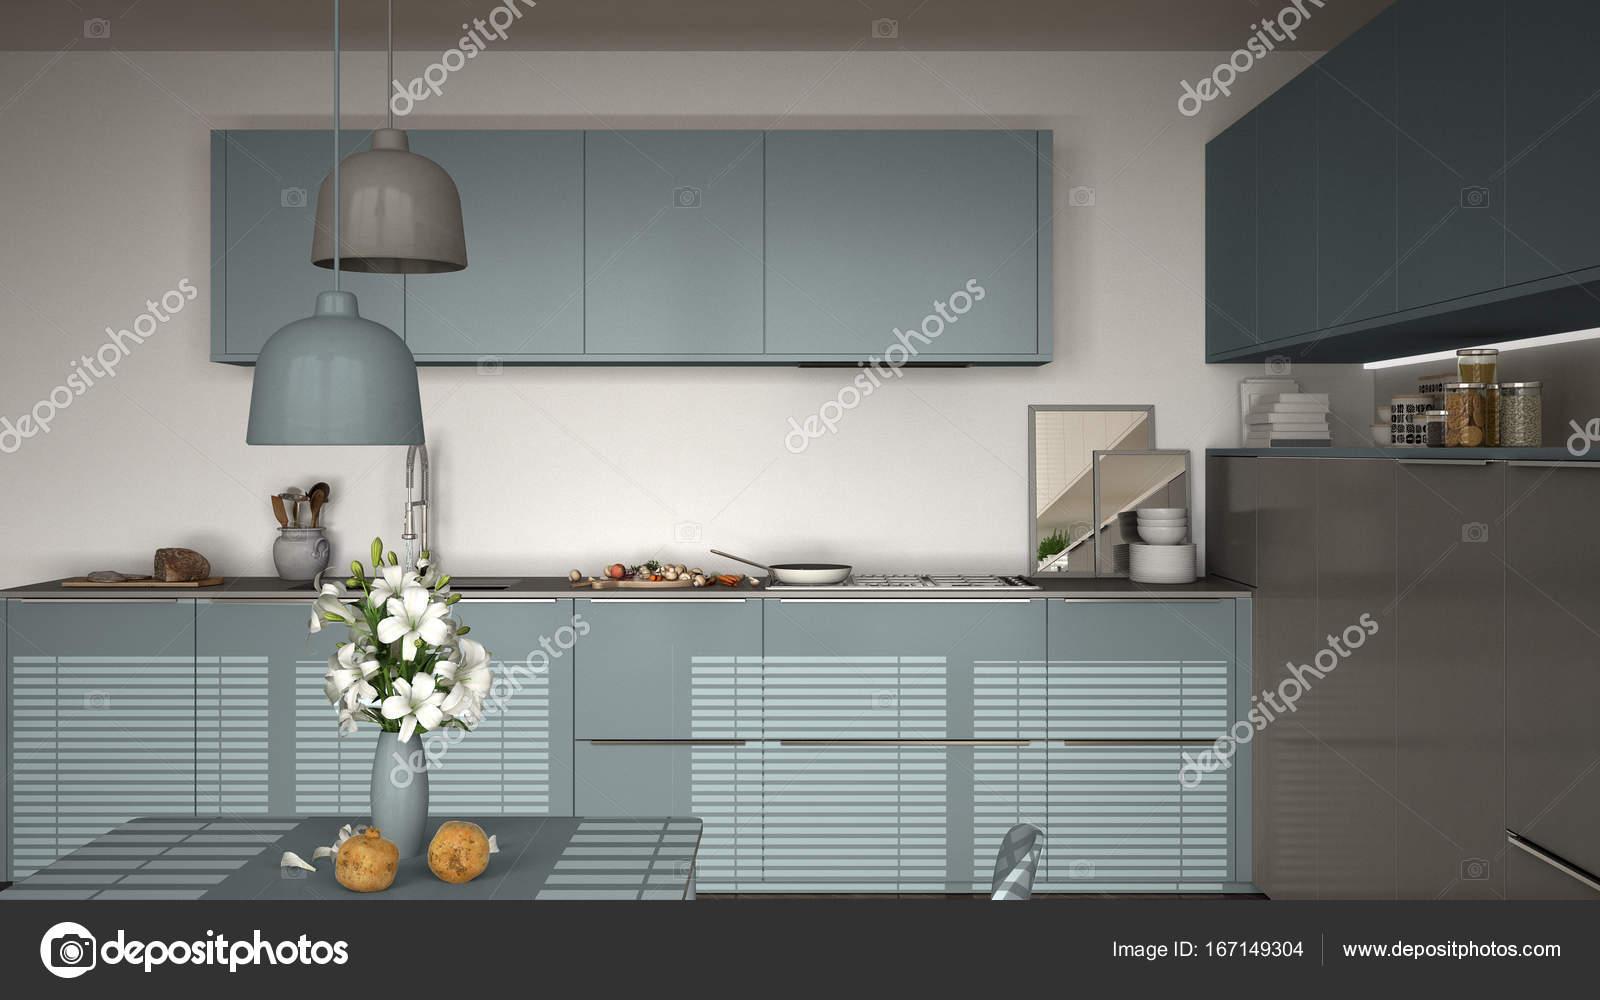 Cozinha Moderna Com Mesa E Cadeiras Cozinha Pan E Comida Clos